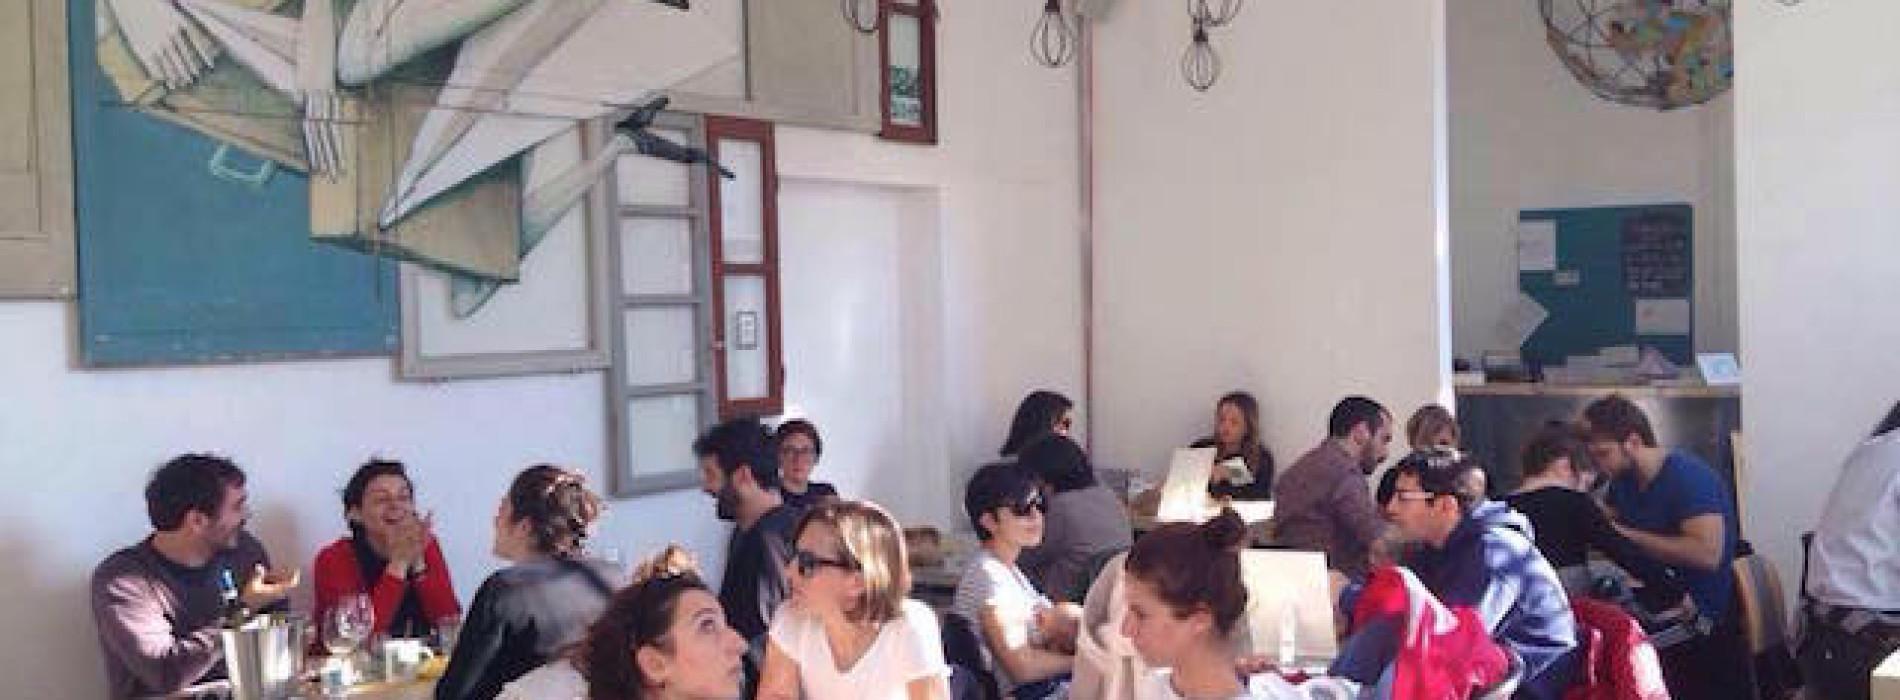 Madama Hostel & Bistrot Milano, ostello con cucina per viaggiatori (e non solo)